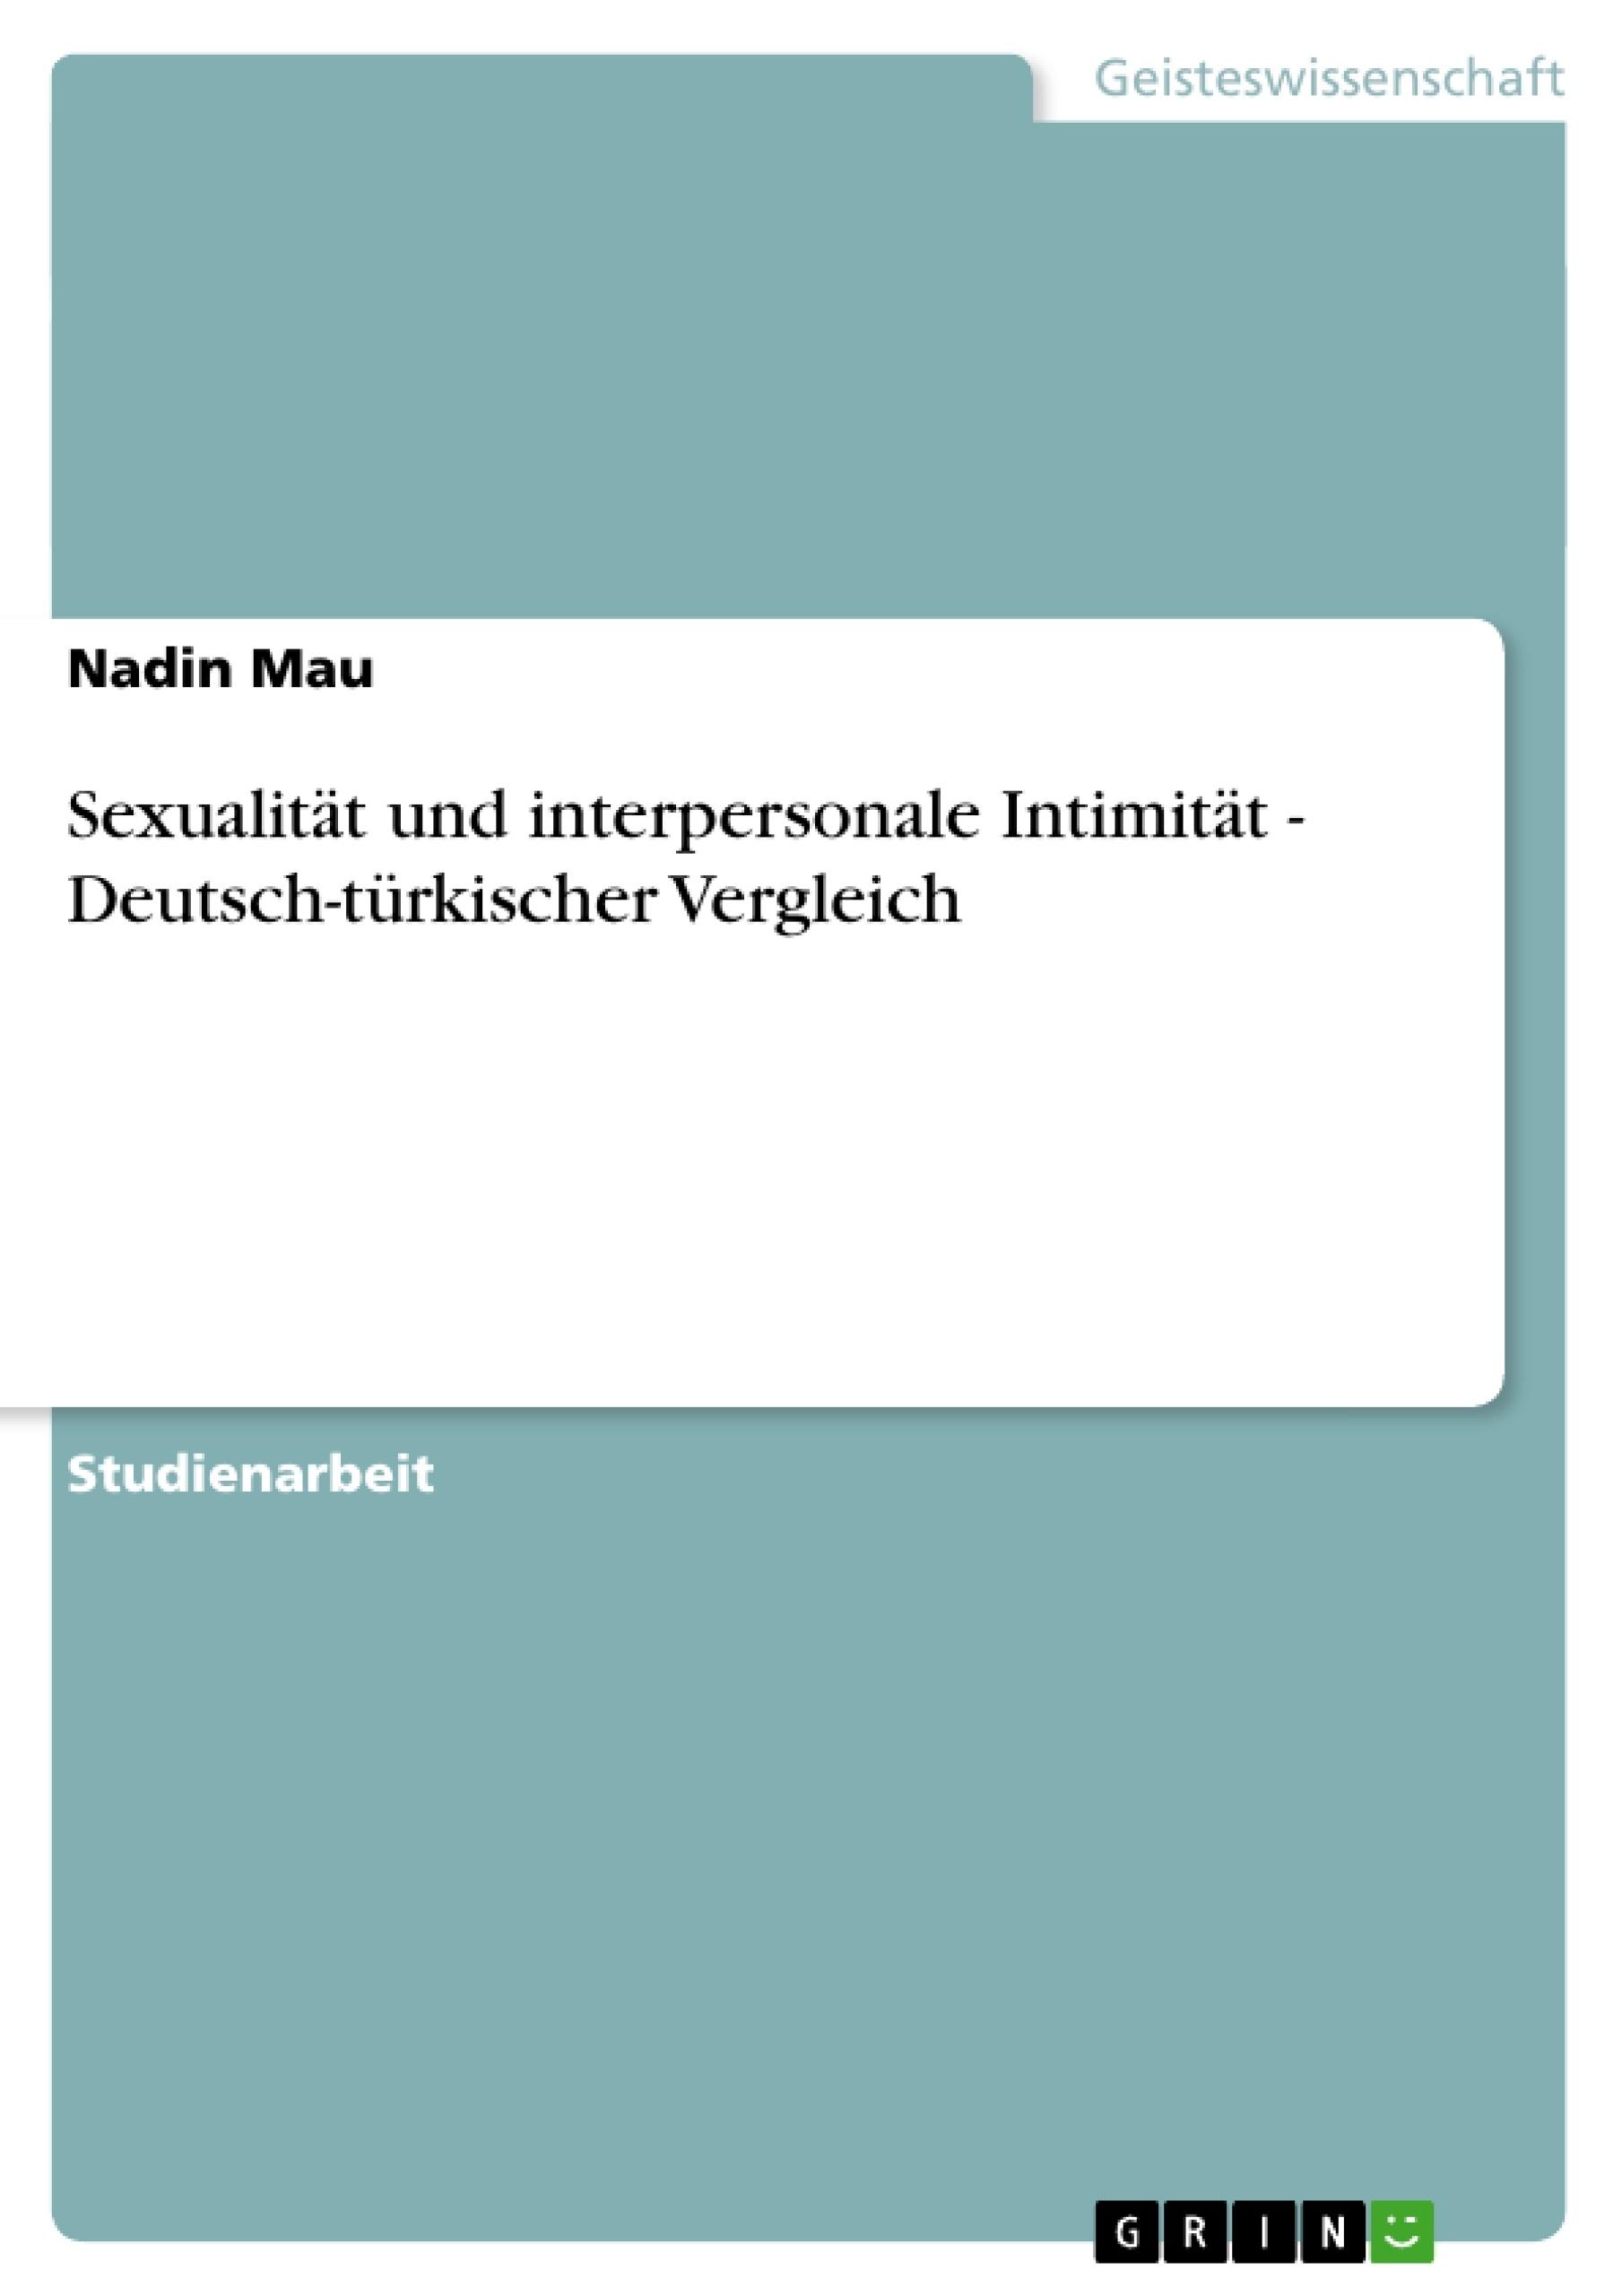 Titel: Sexualität und interpersonale Intimität - Deutsch-türkischer Vergleich